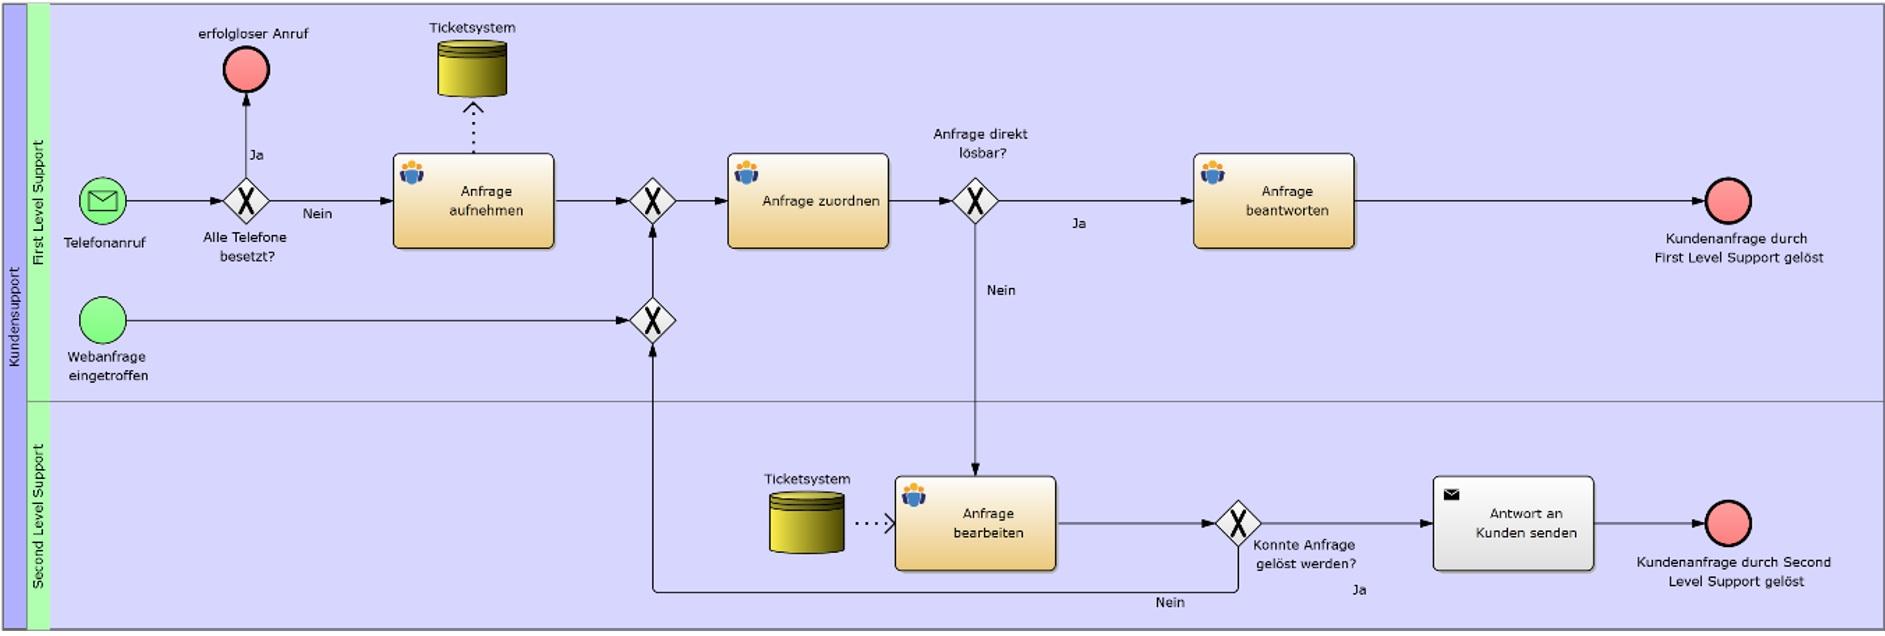 Prozessorientiertes Denken, Methodik, Prozessmodellierung mit BPMN 2.0, Prozessmodell